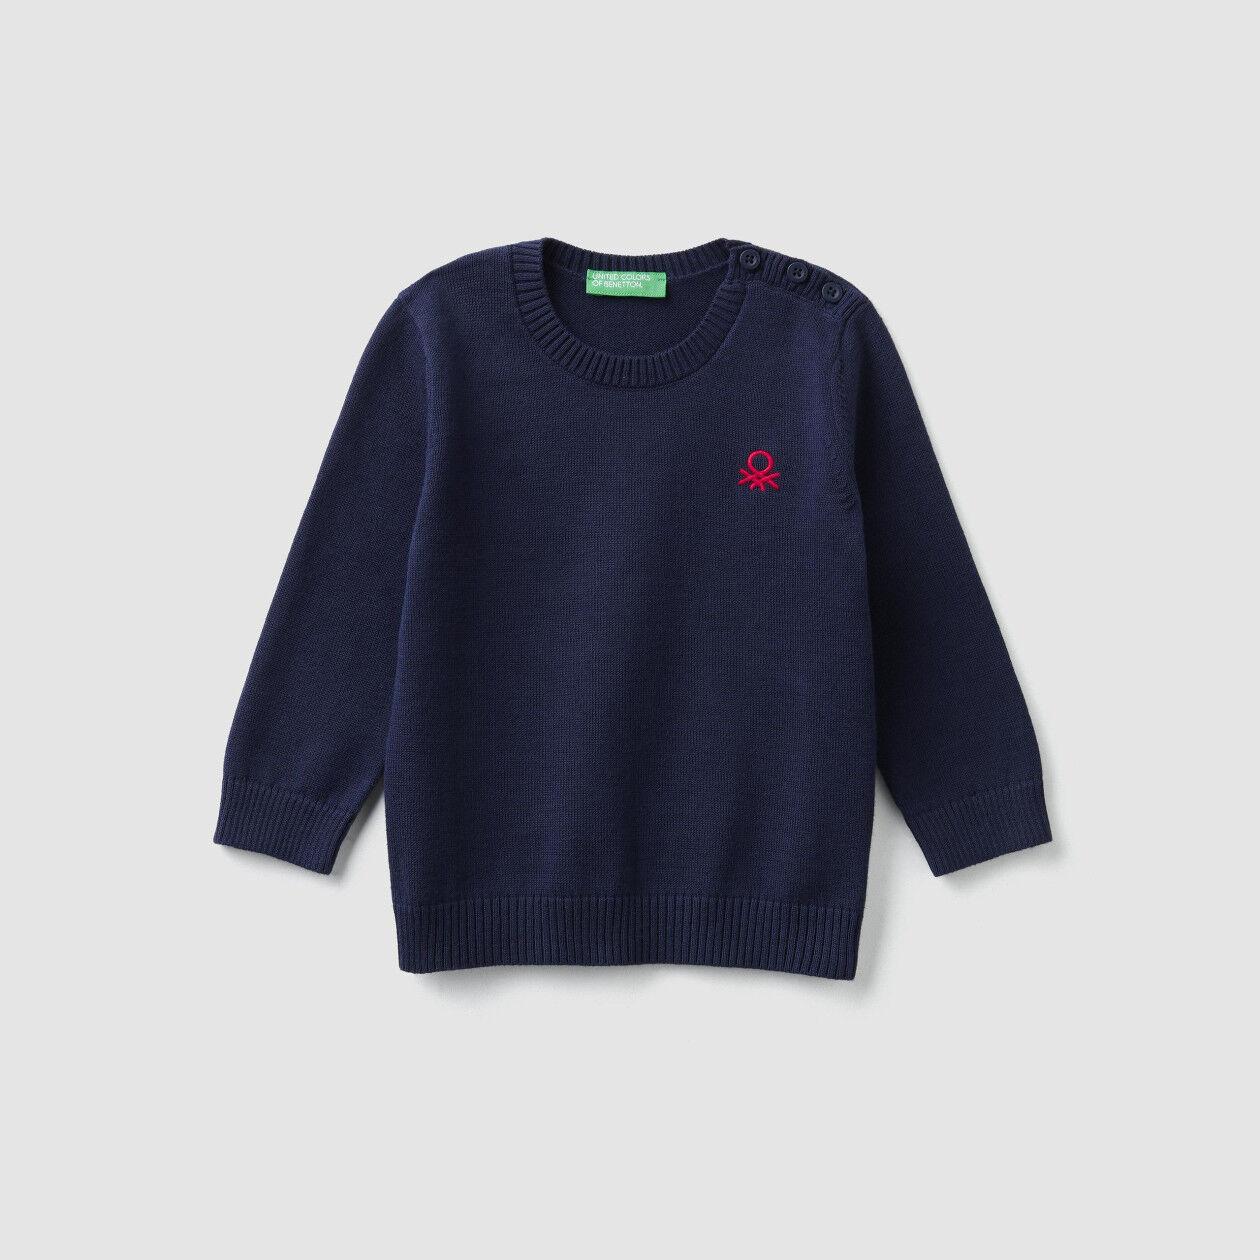 Μπλούζα με λαιμόκοψη και κουμπάκια